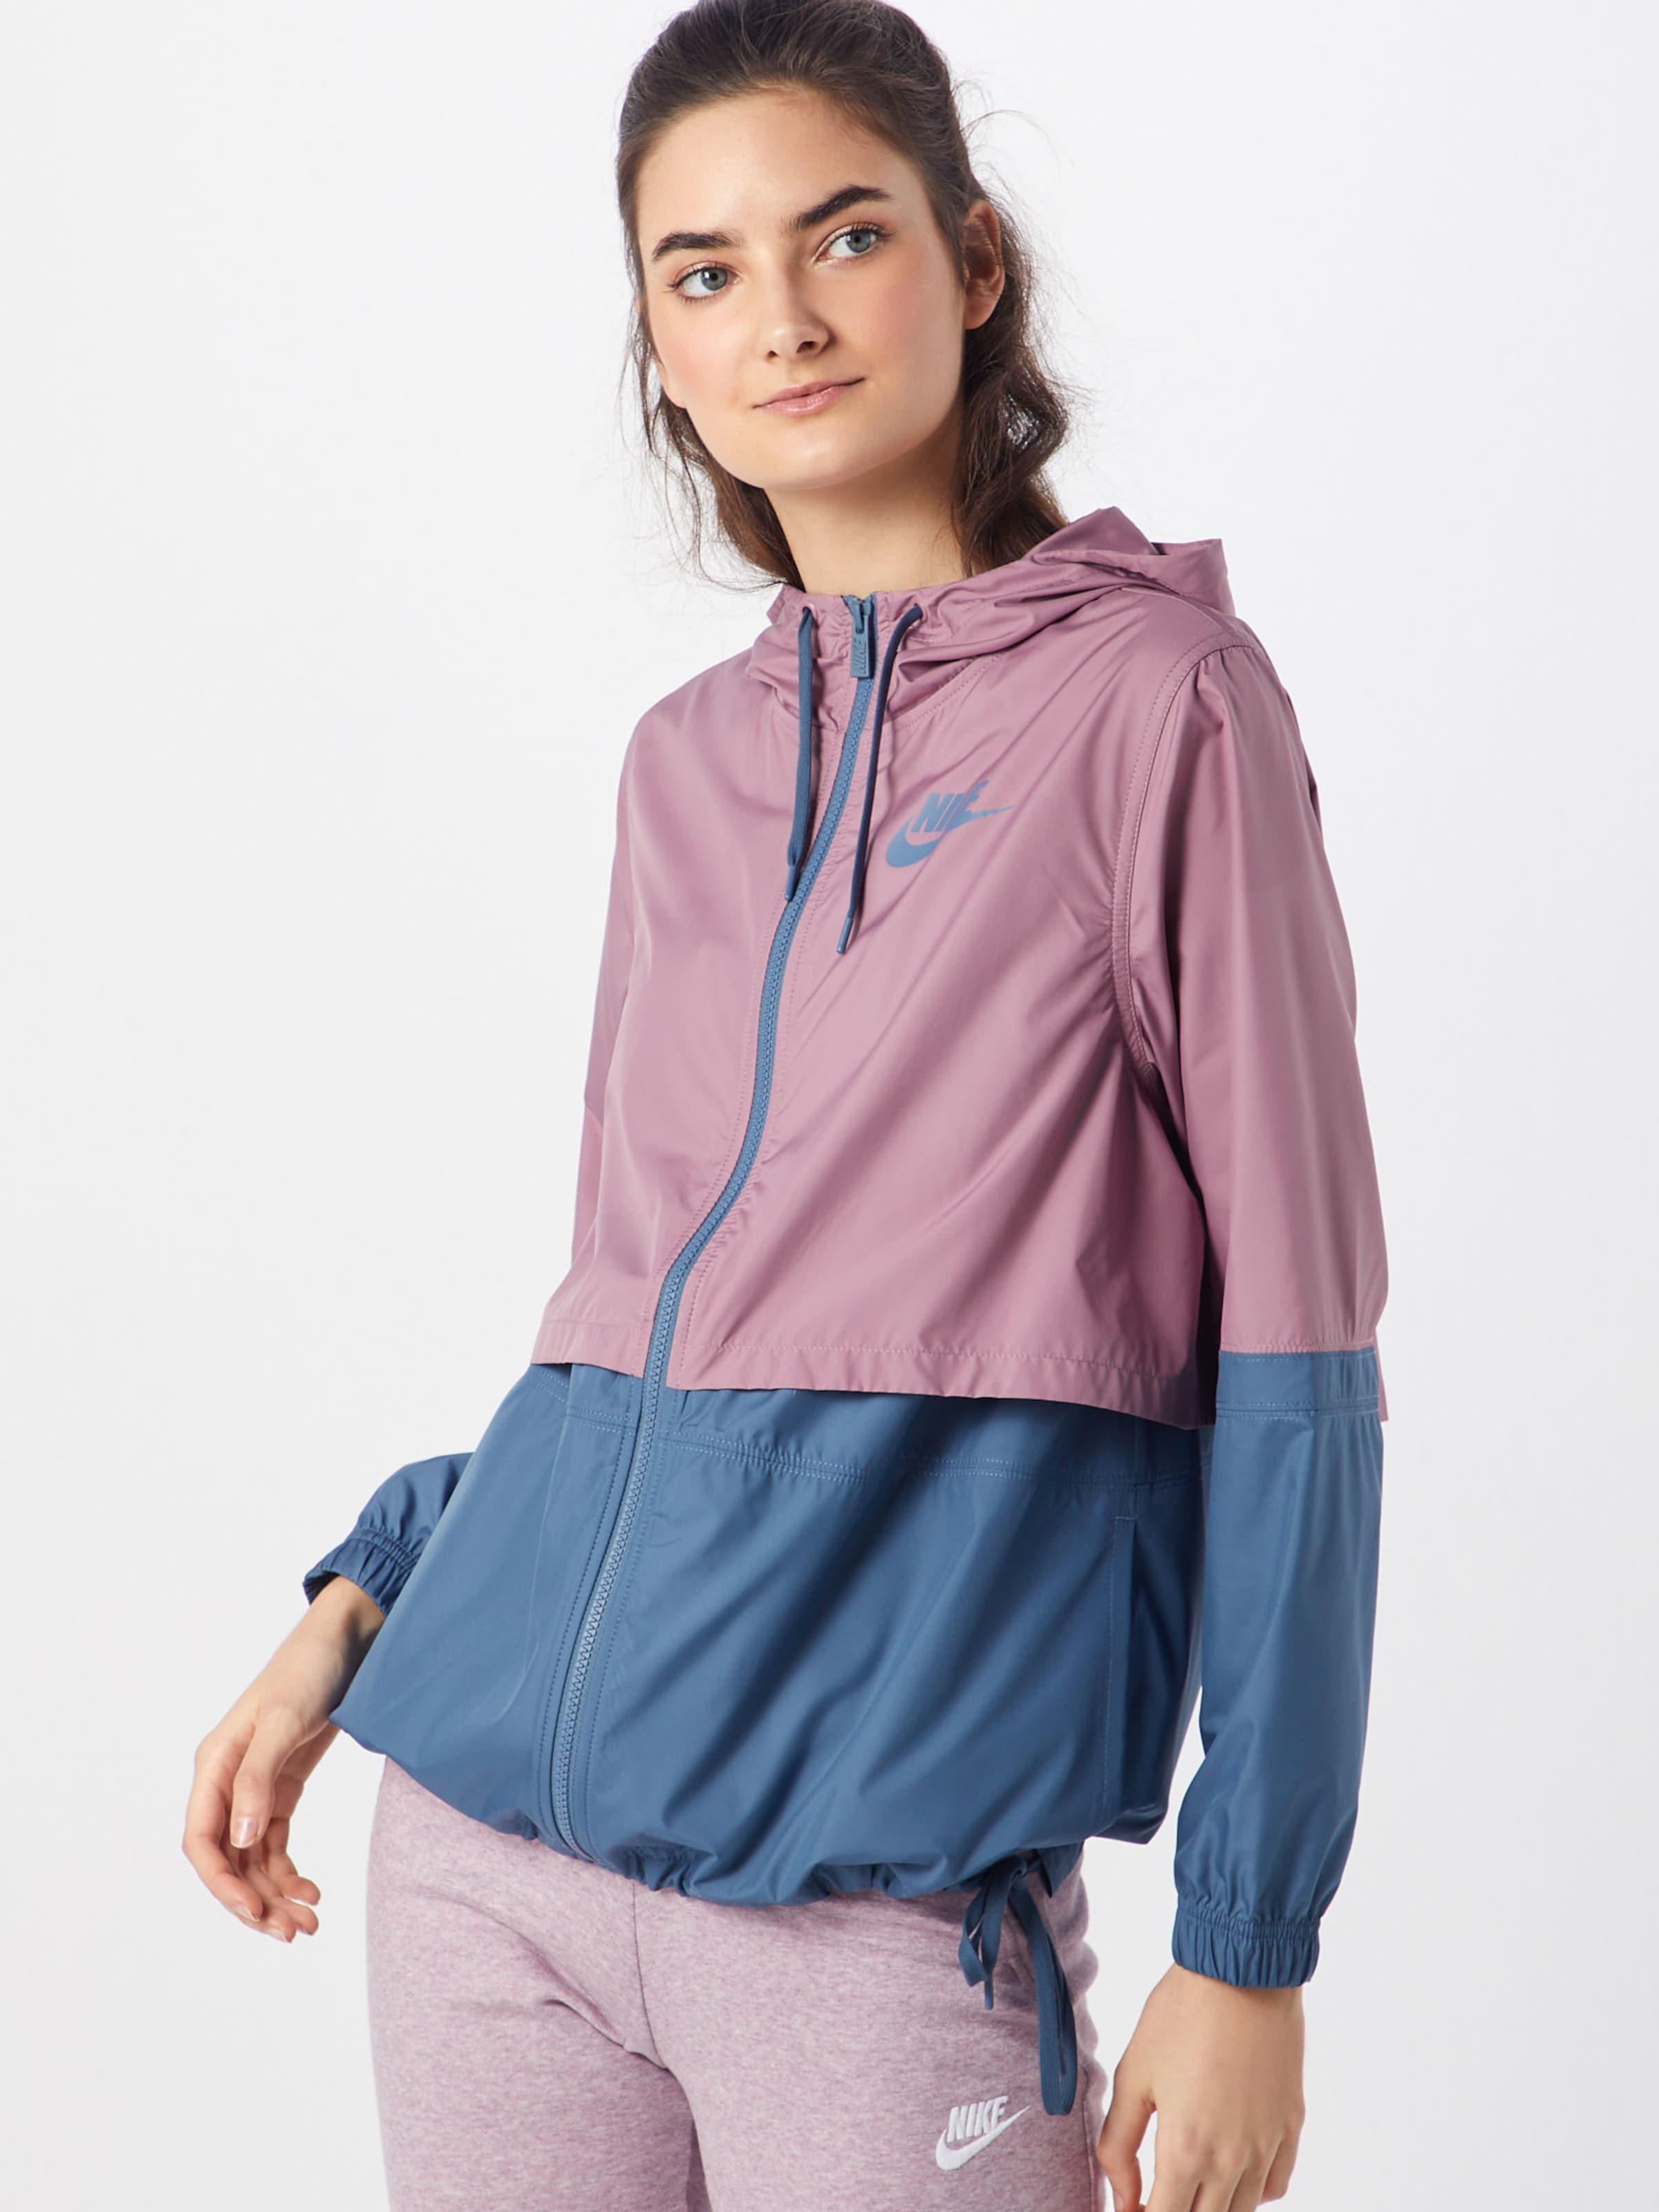 En Nike saison Mi BleuViolet Sportswear Veste xBeCdWro